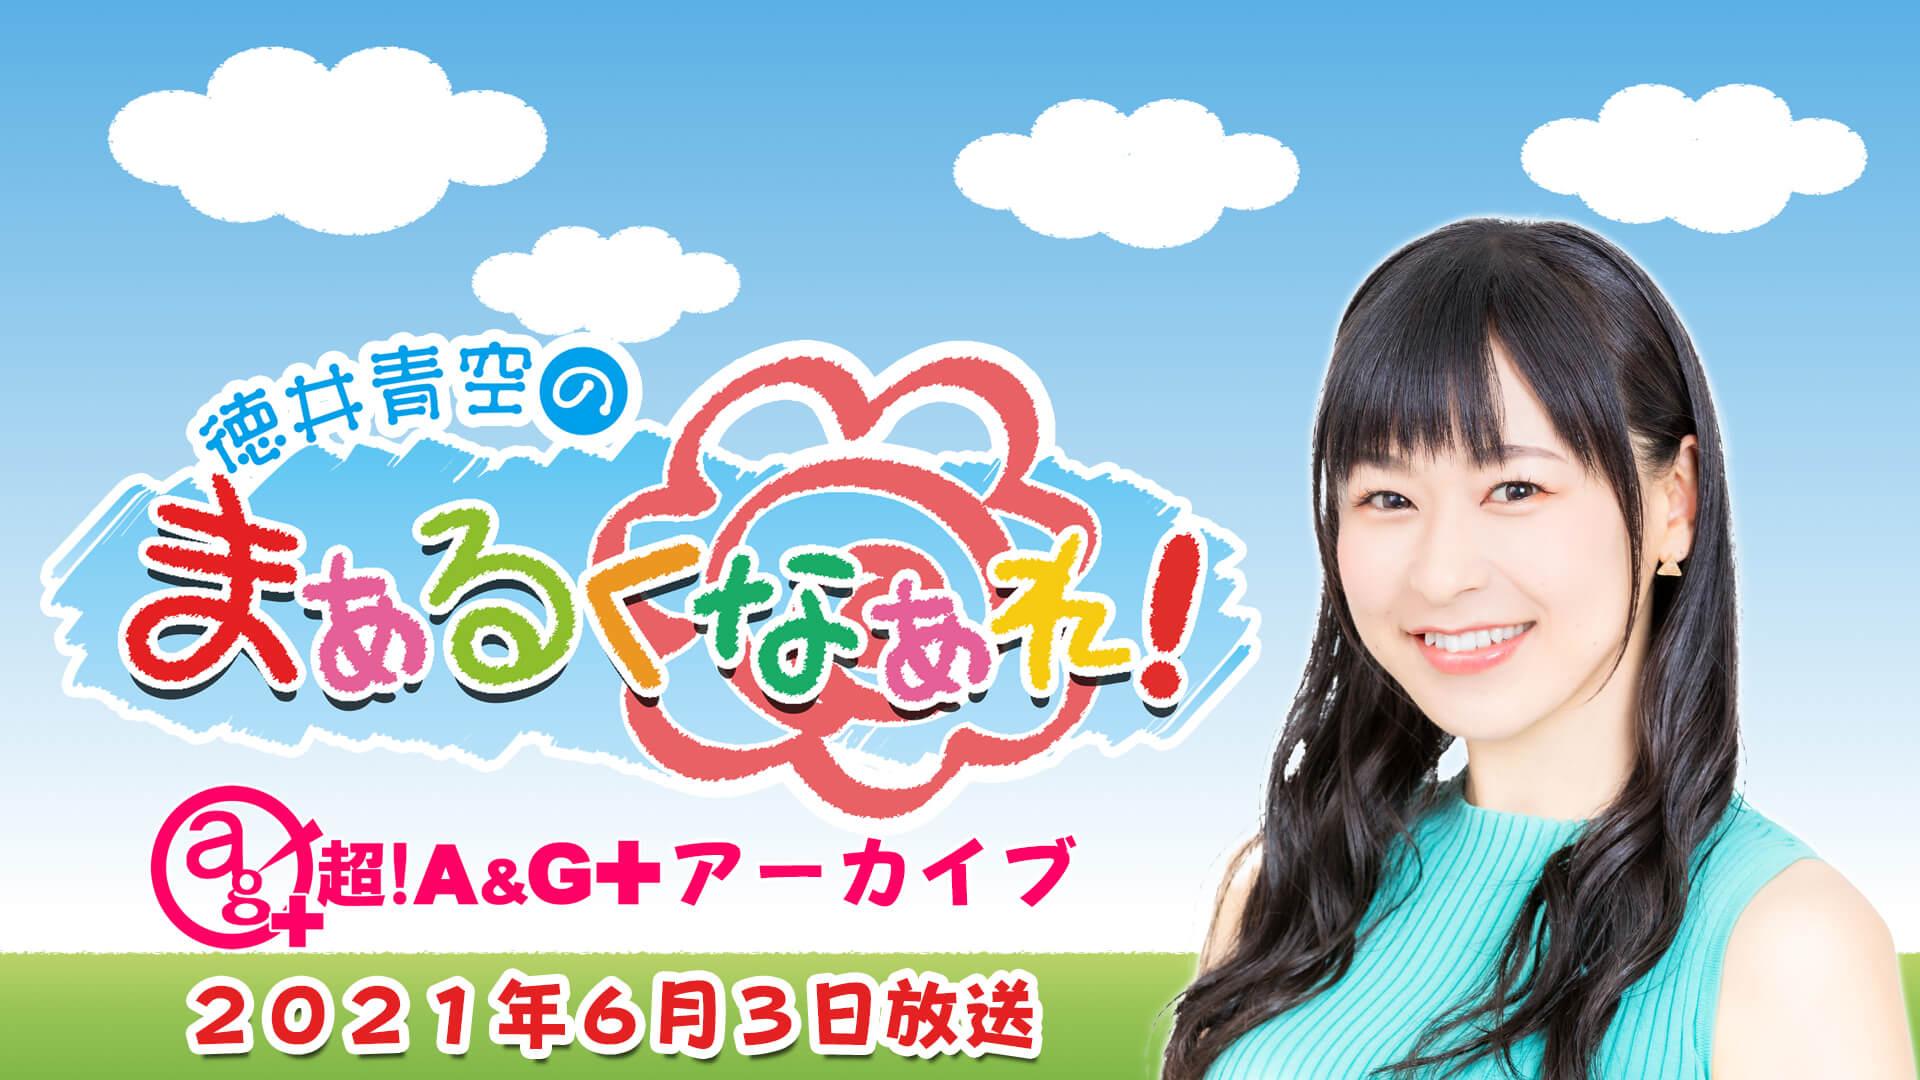 「徳井青空のまぁるくなぁれ!」6月3日放送分アーカイブ+おまけ動画更新